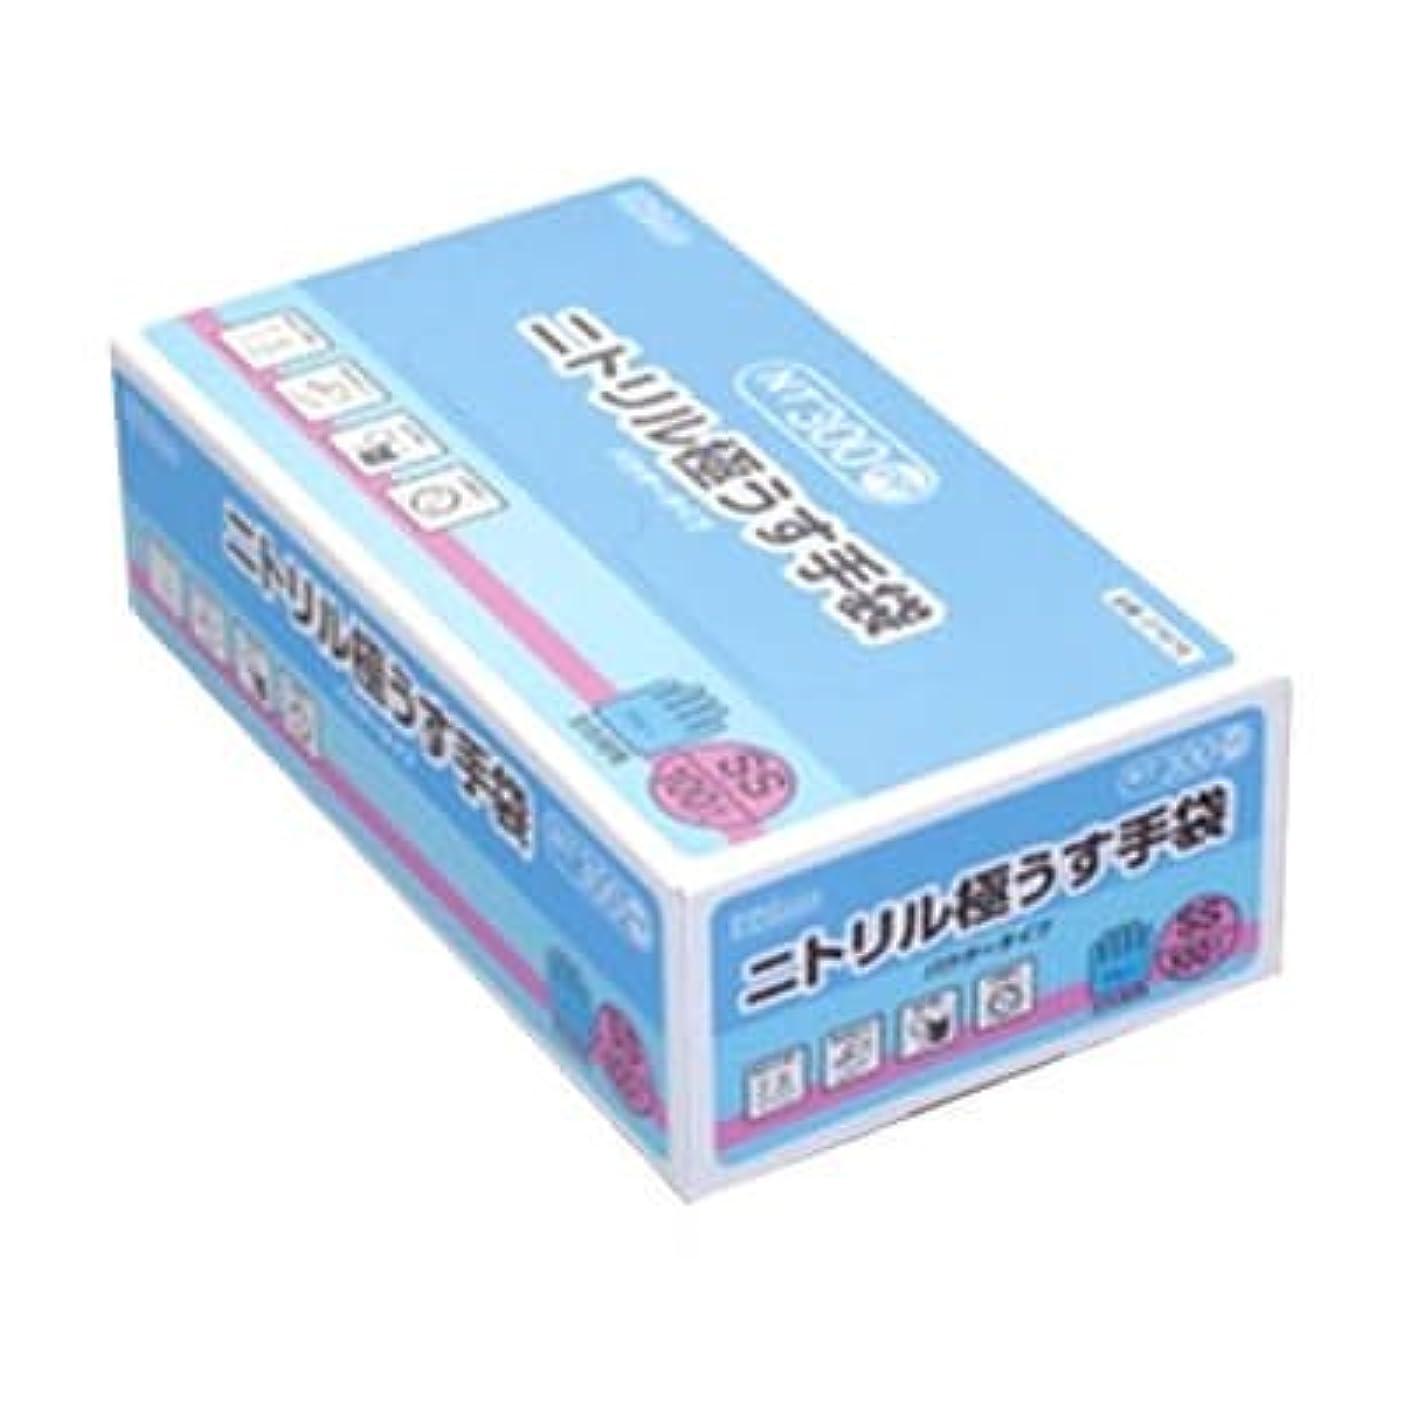 予報膨らませる移行【ケース販売】 ダンロップ ニトリル極うす手袋 粉付 SS ブルー NT-300 (100枚入×20箱)